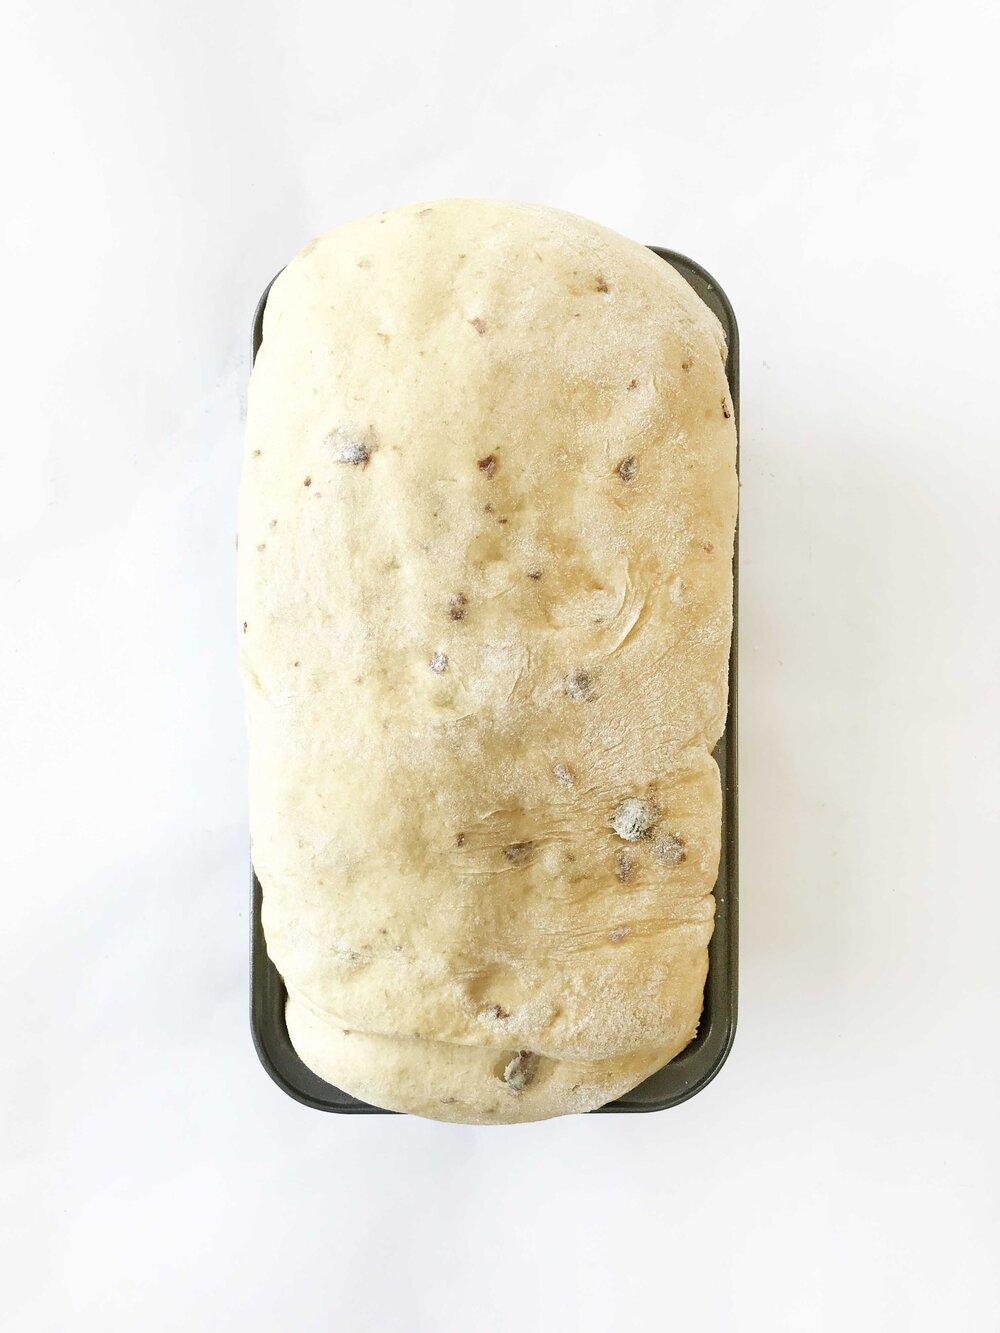 cinnamon-raisin-bread7.jpg